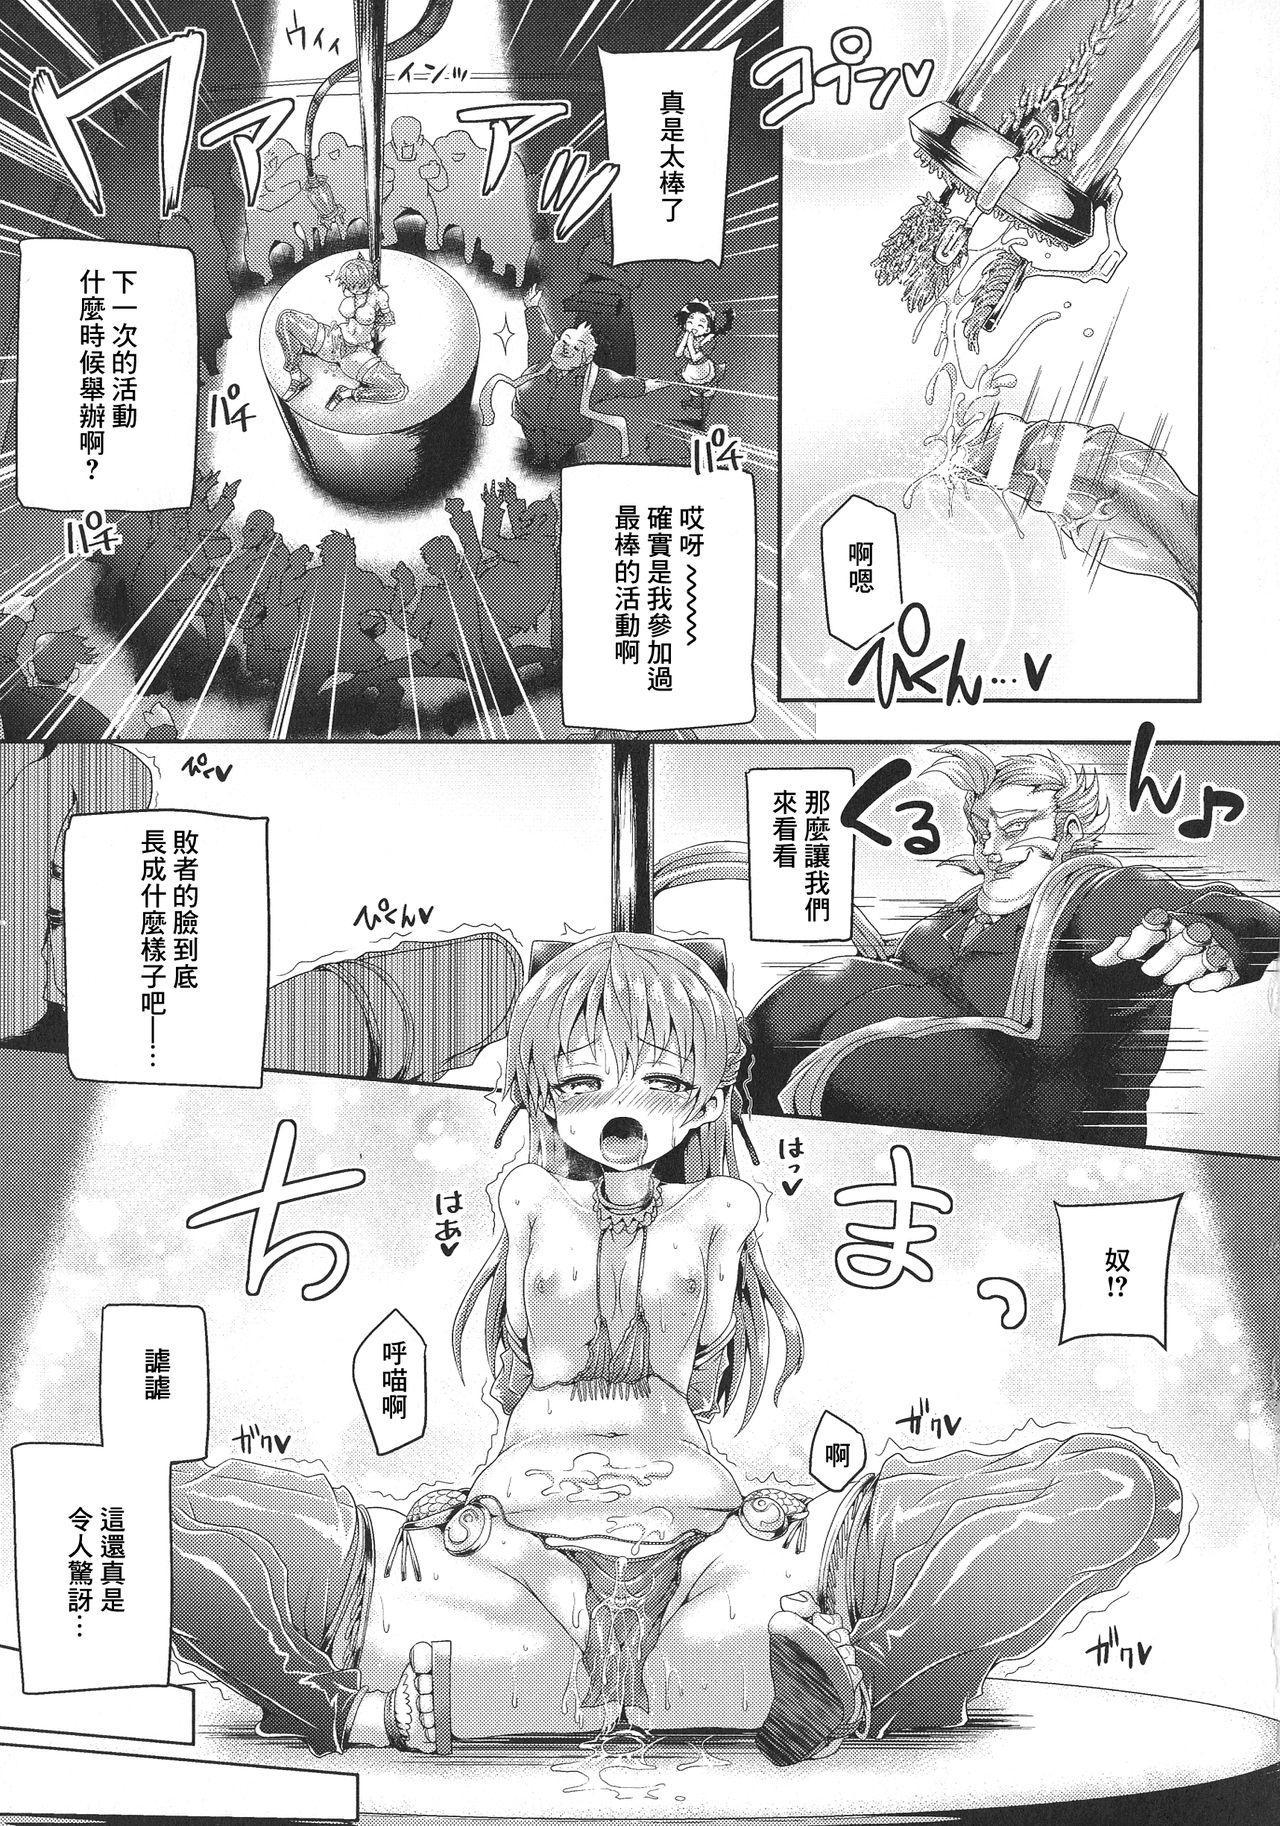 Futanari Gal Brave - Tsuiteru Gal Yuusha Isekai no ji ni Botsu 149